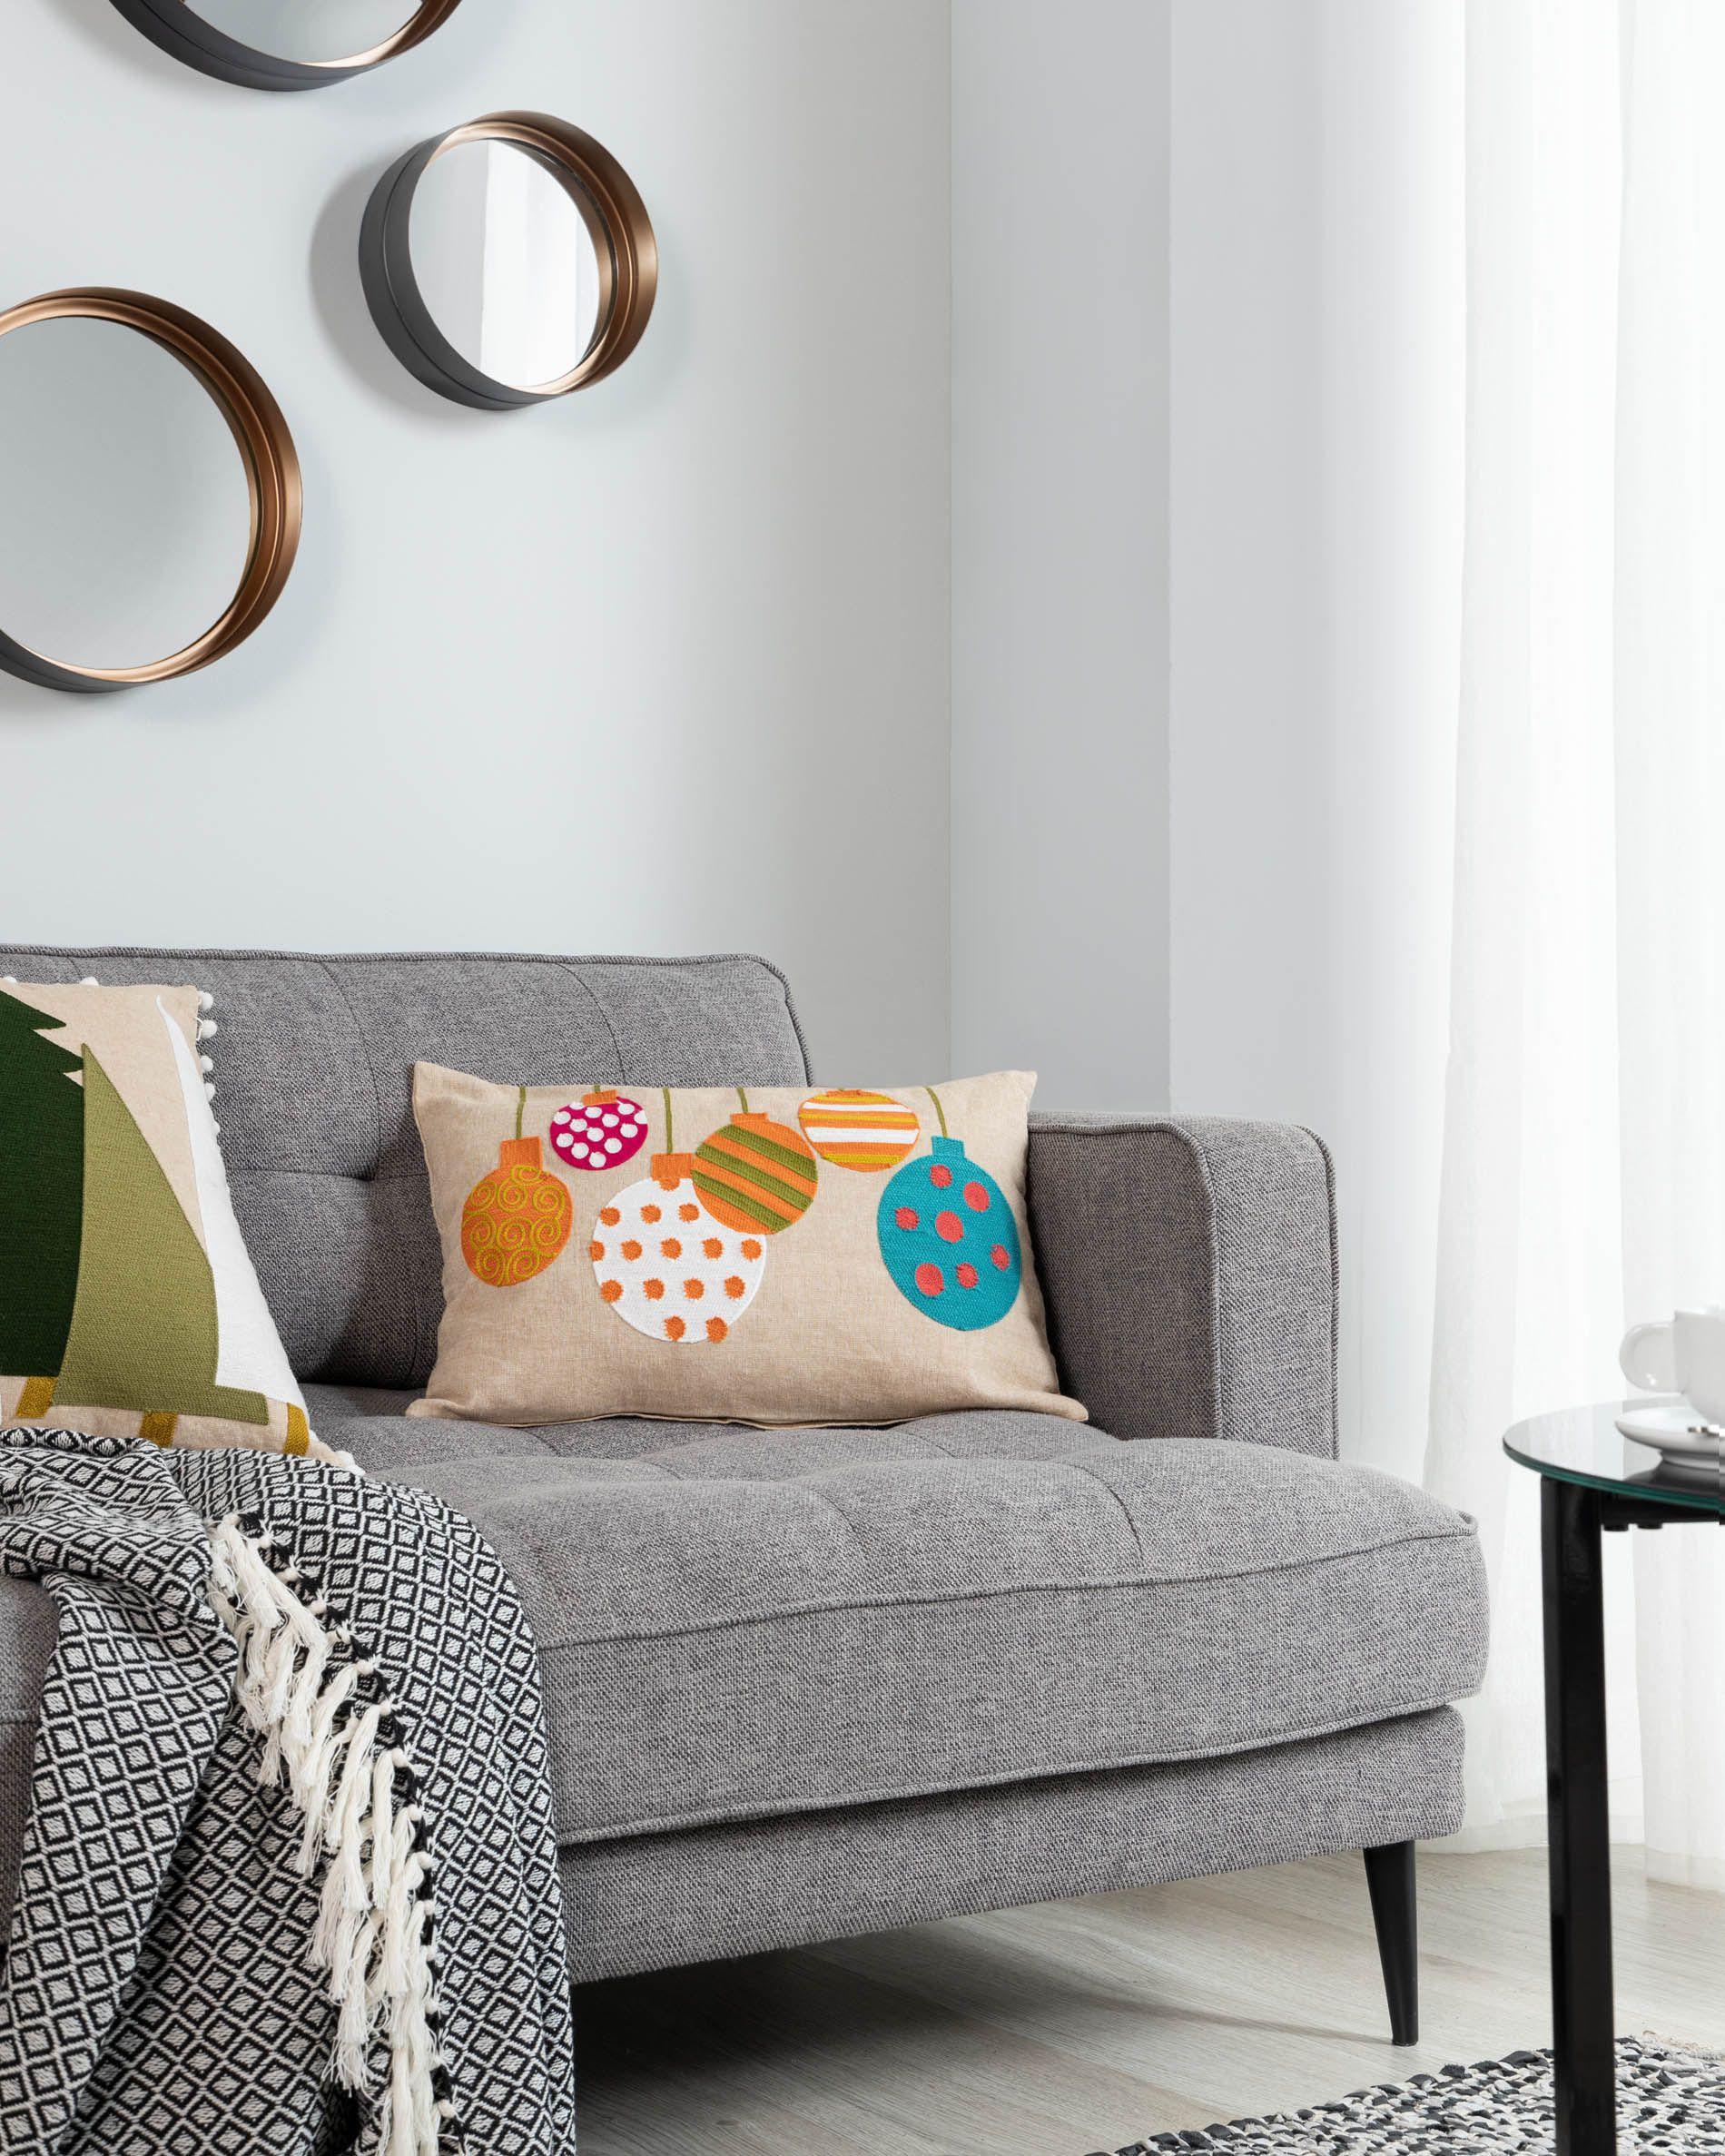 Housse De Coussin Simon 30 X 50 Cm | Kave Home® destiné Coussins Originaux Pour Canapé